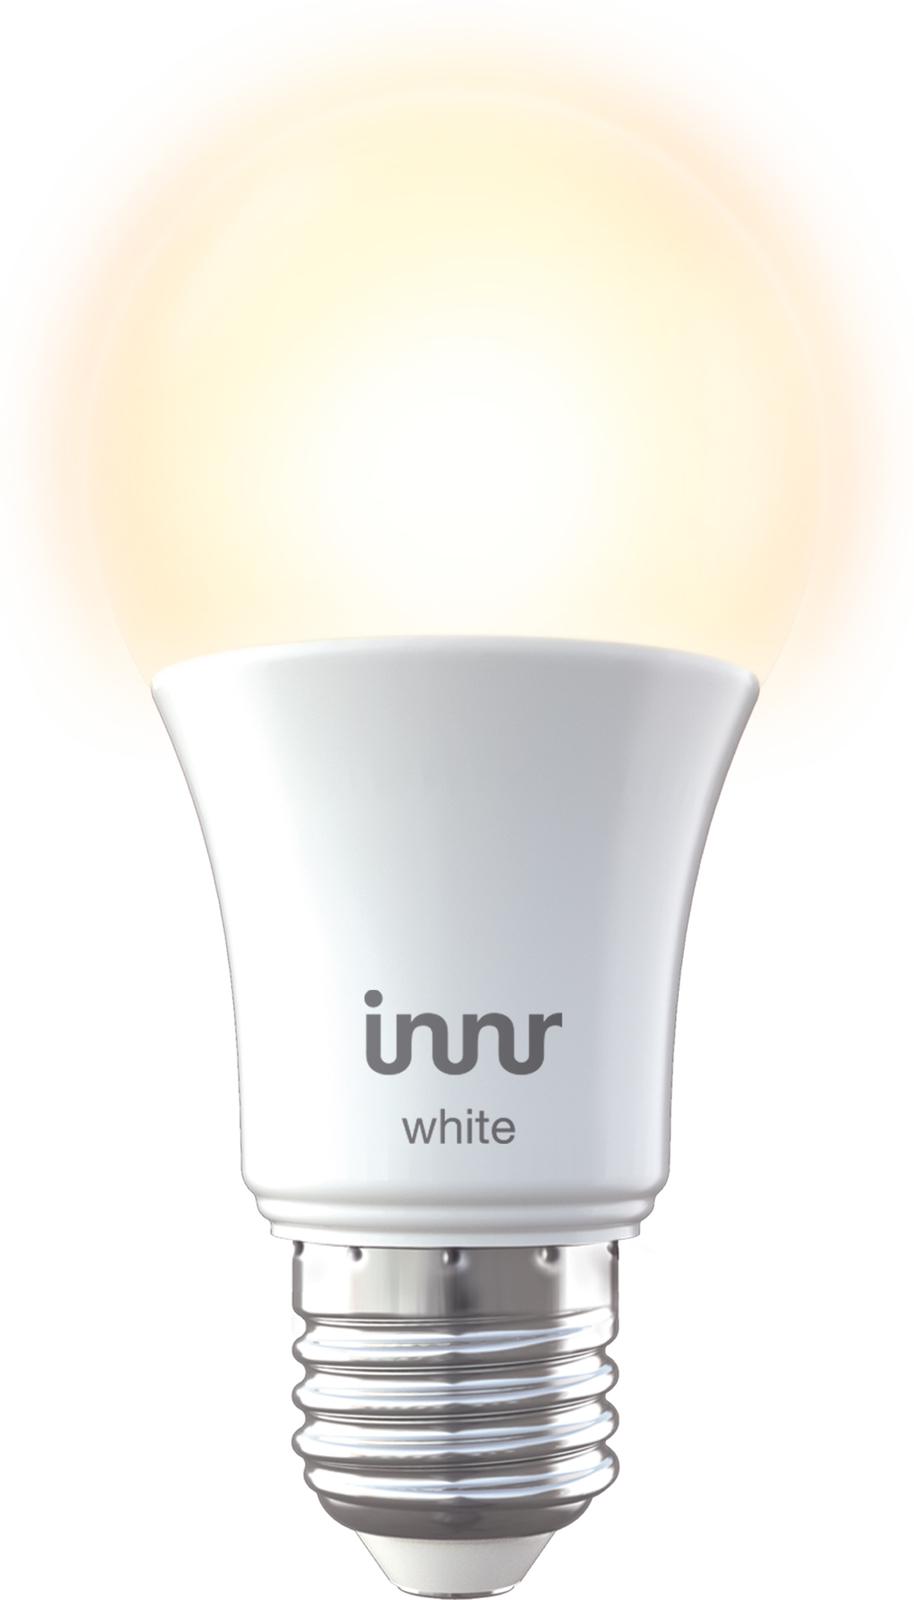 INNR Lighting 1x E27 Retrofit smart LED lamp Warm white, 2700K RB 265 - eet01